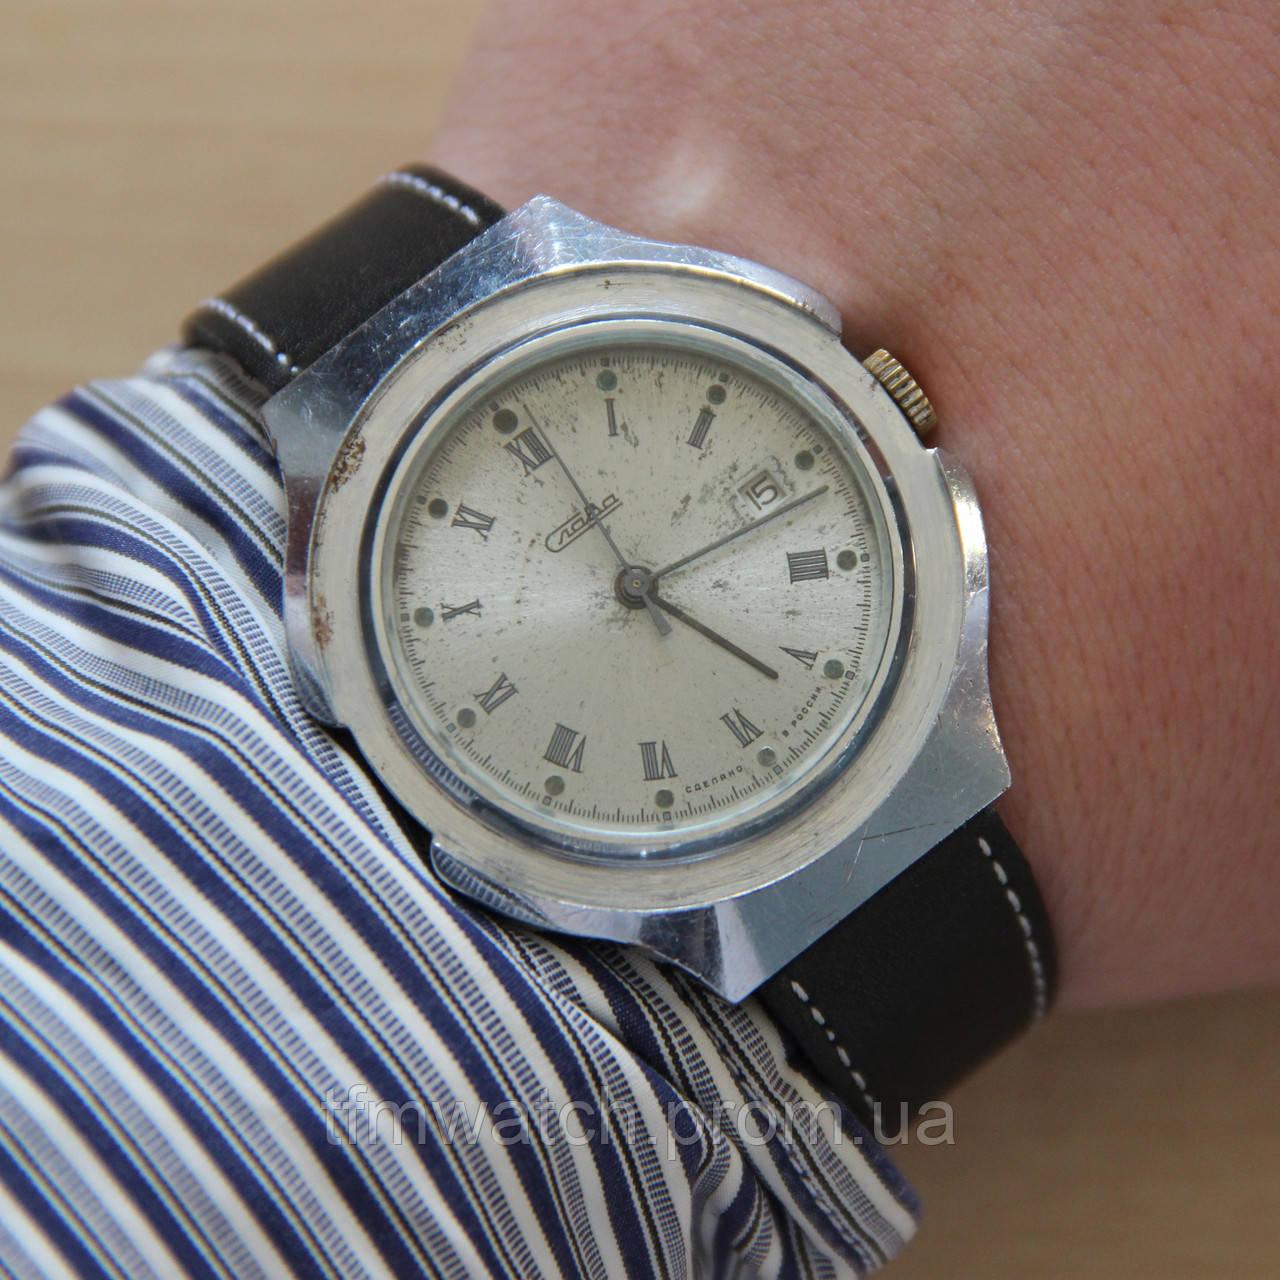 5b7463ca583d Слава наручные механические часы с календарём   продажа, цена в ...